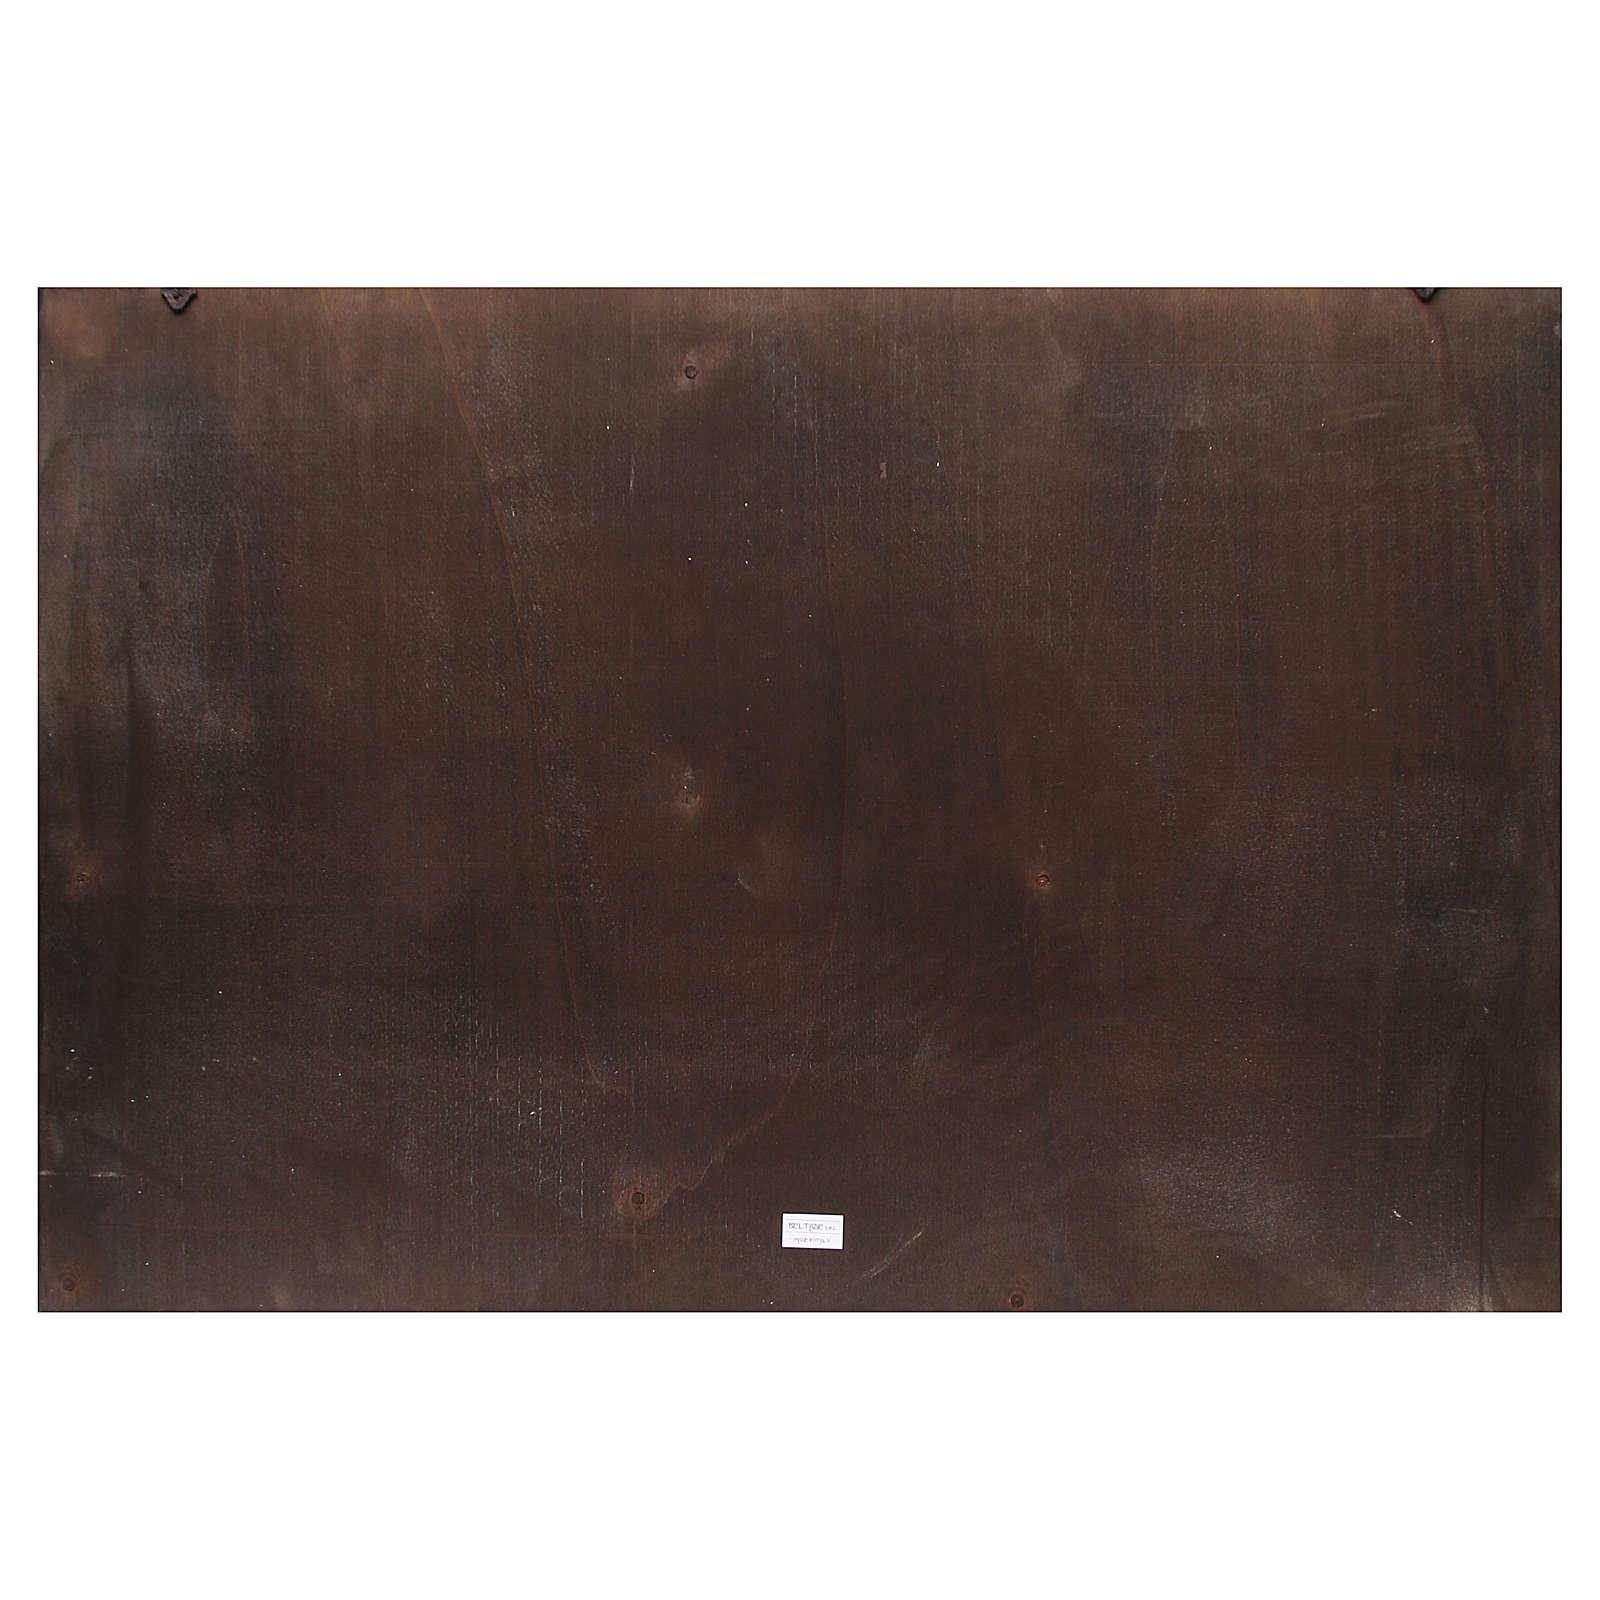 Fondale presepe legno Città araba 100x68cm 4